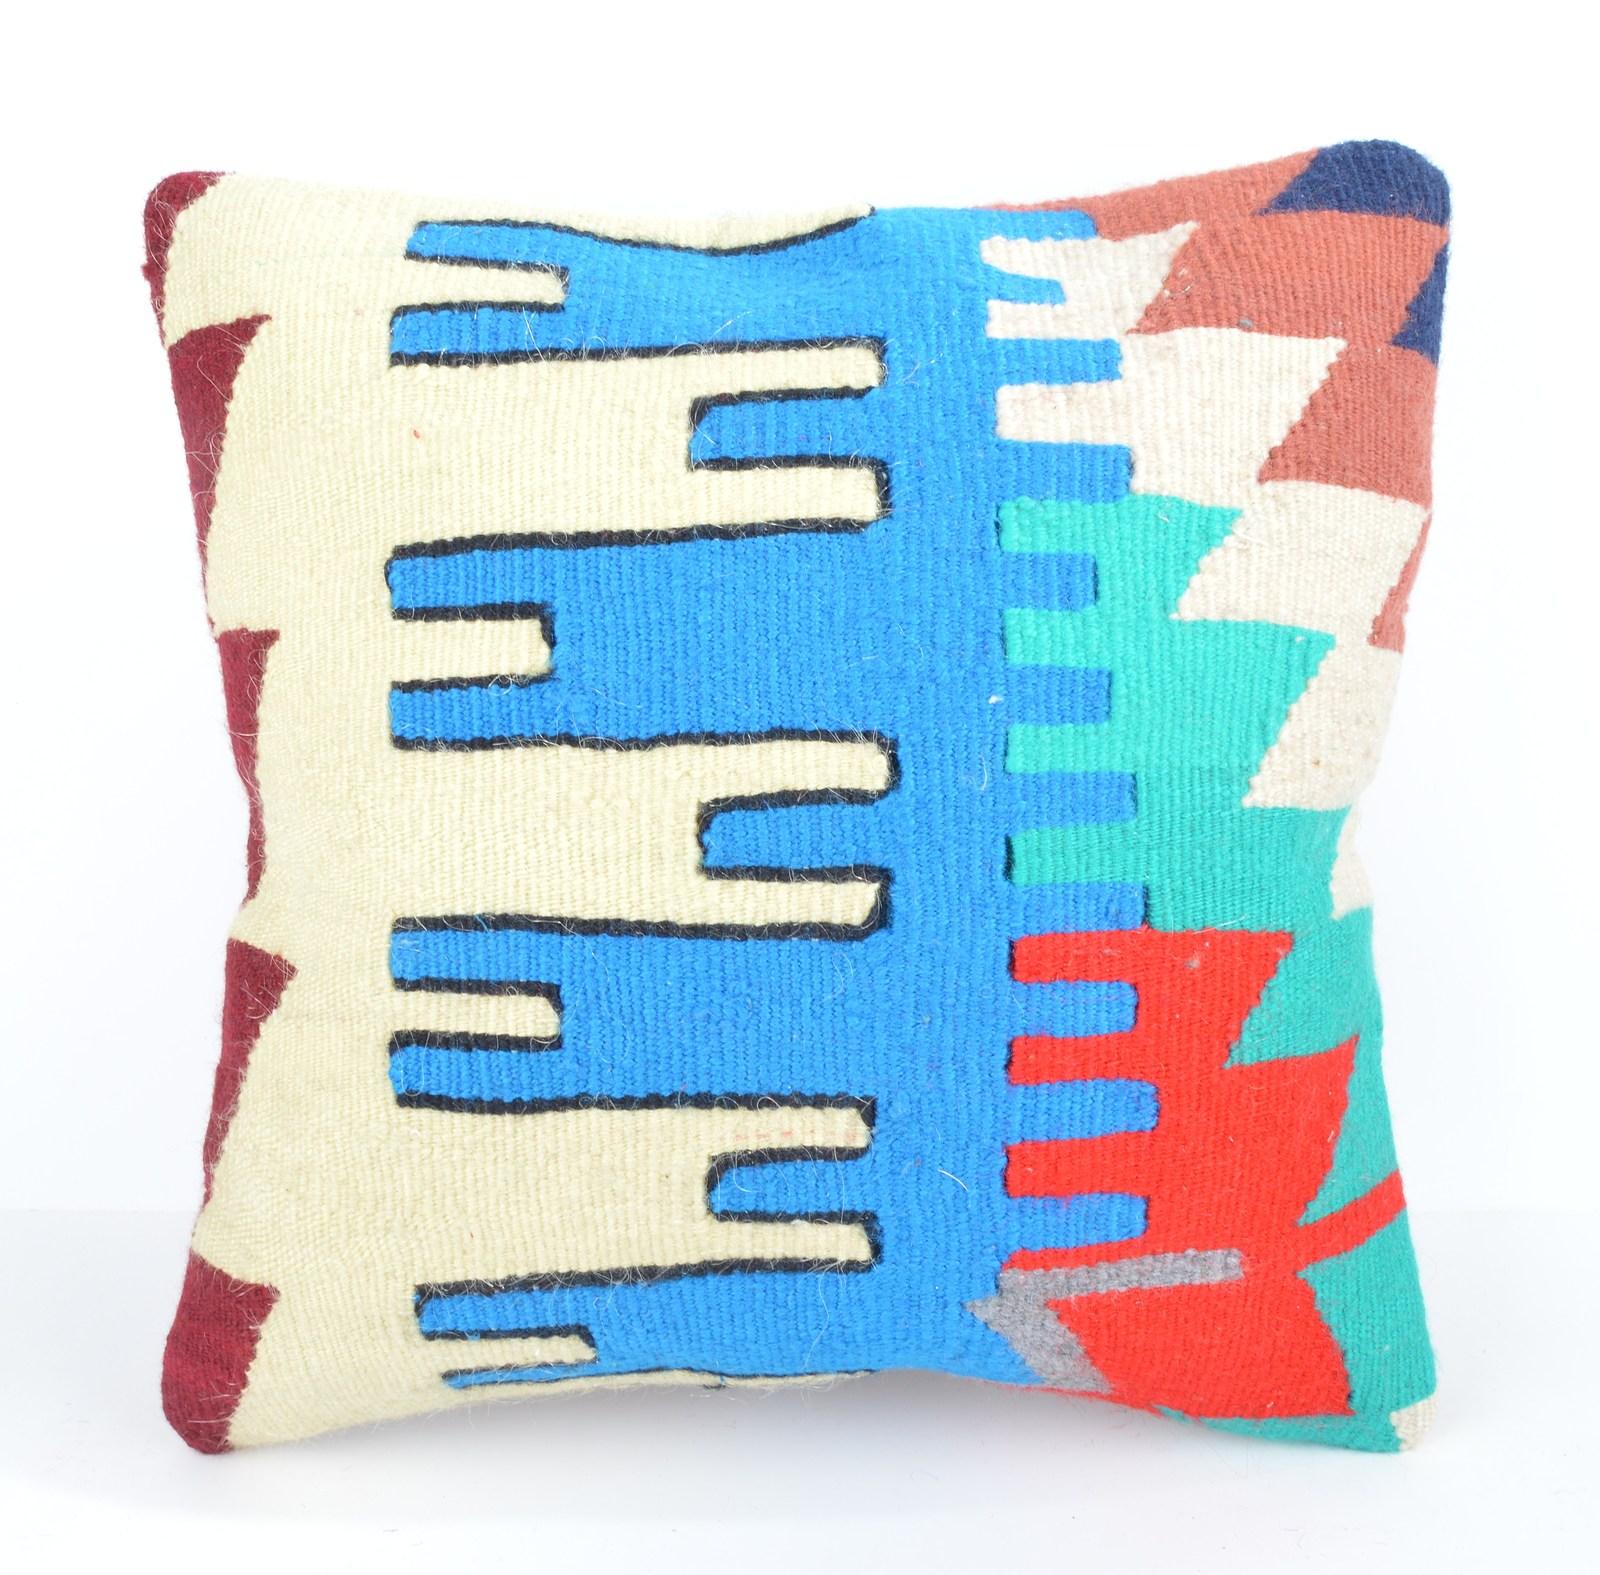 Modern Rustic Pillow : 40x40 Hand woven Boho pillow Rustic Home decor,toss pillow,modern pillow 16x16 - Pillows